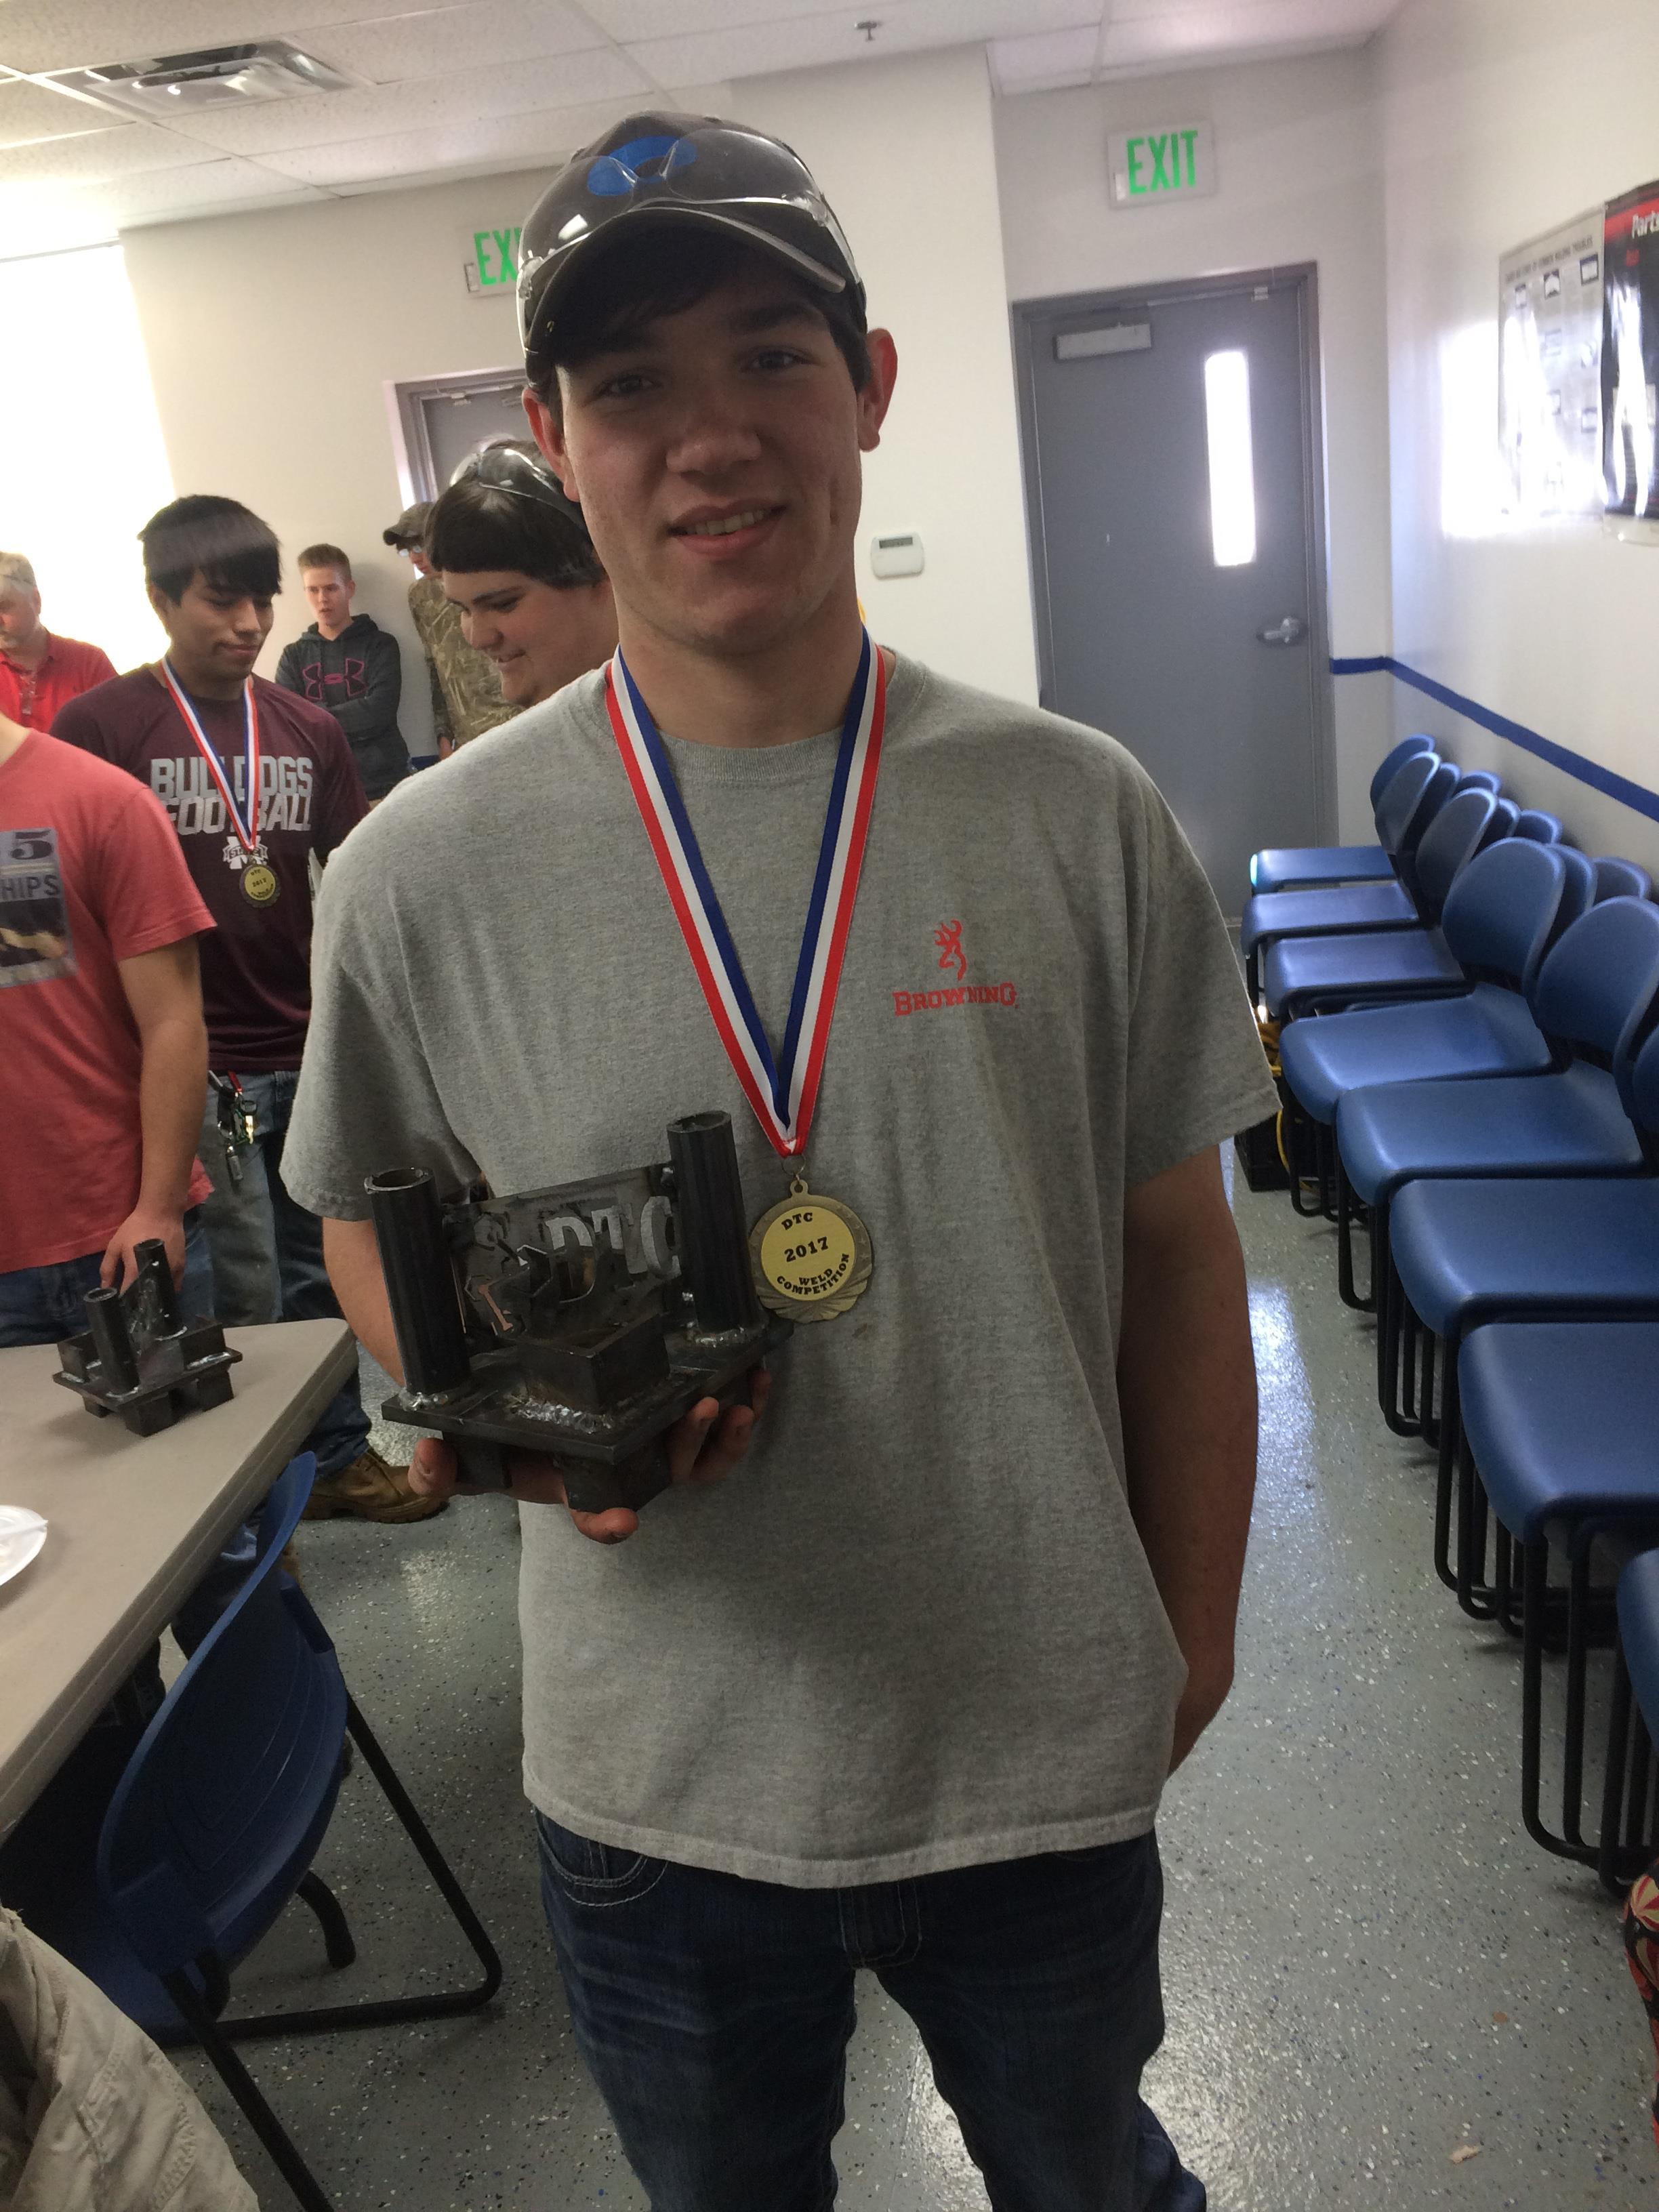 student receiveing award